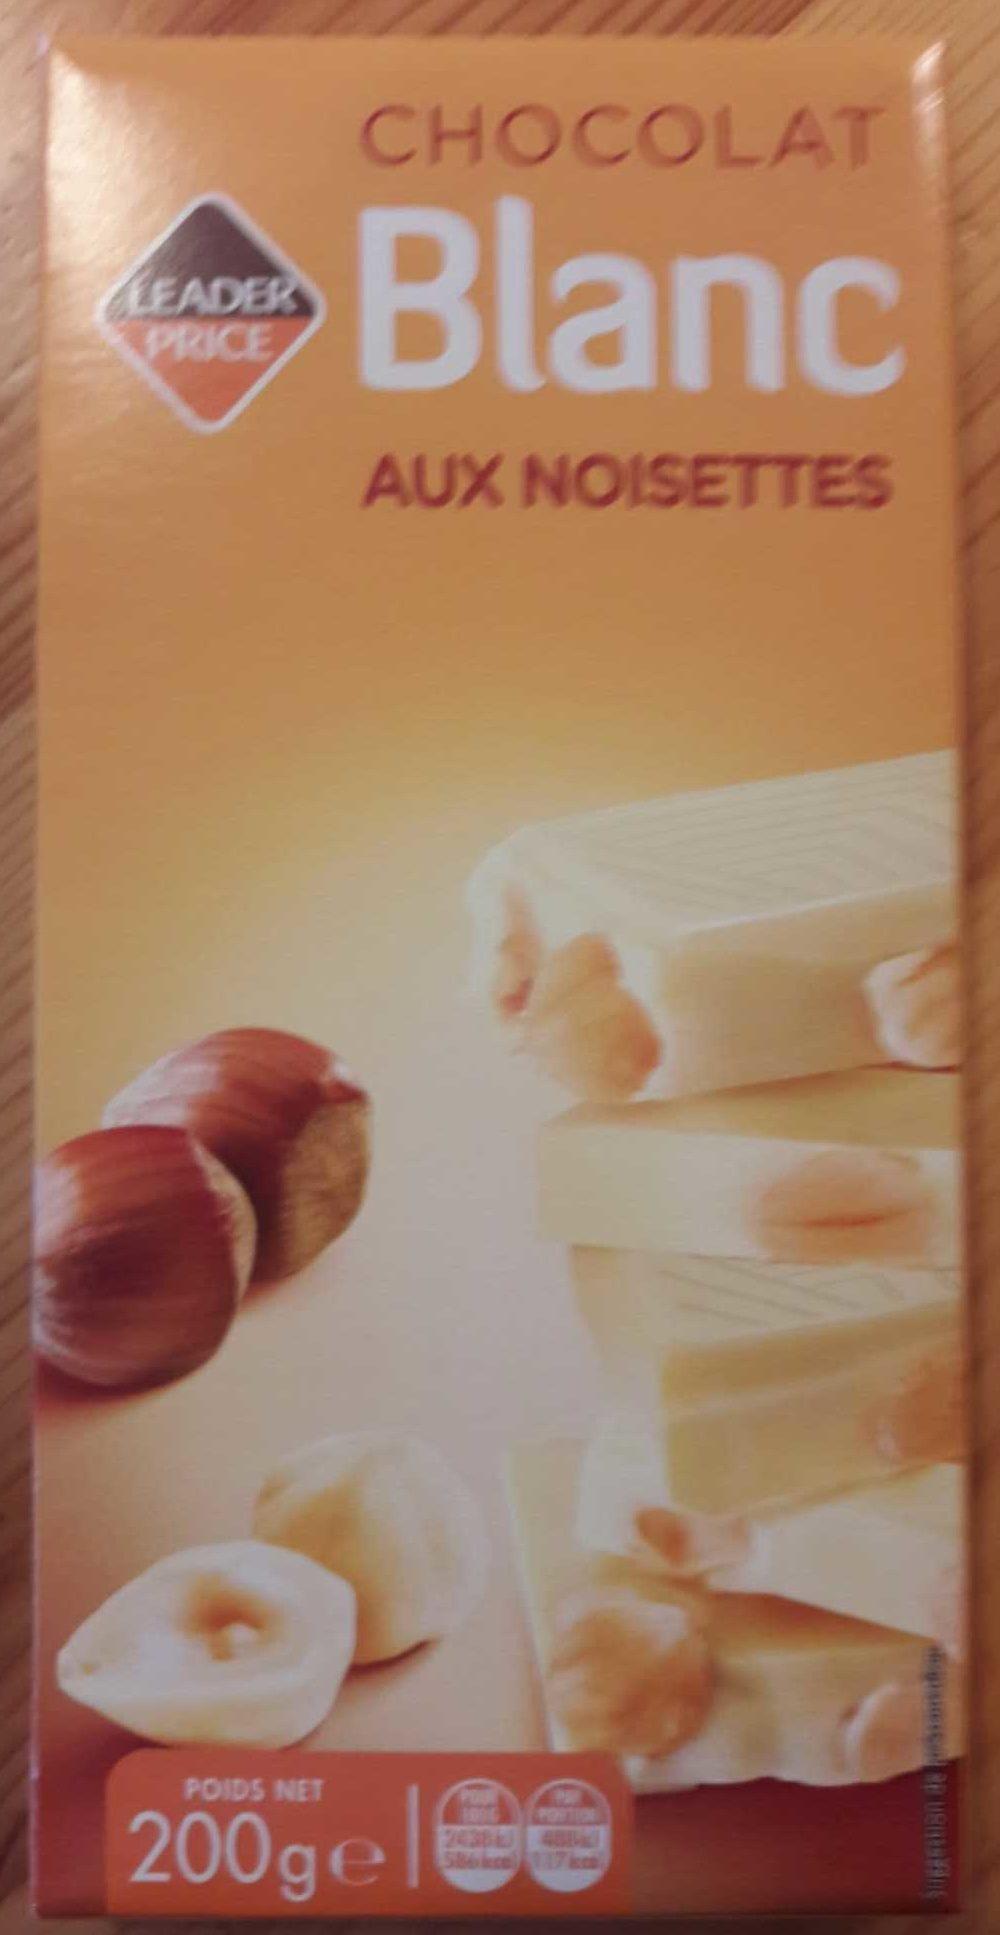 Chocolat Blanc aux Noisettes - Product